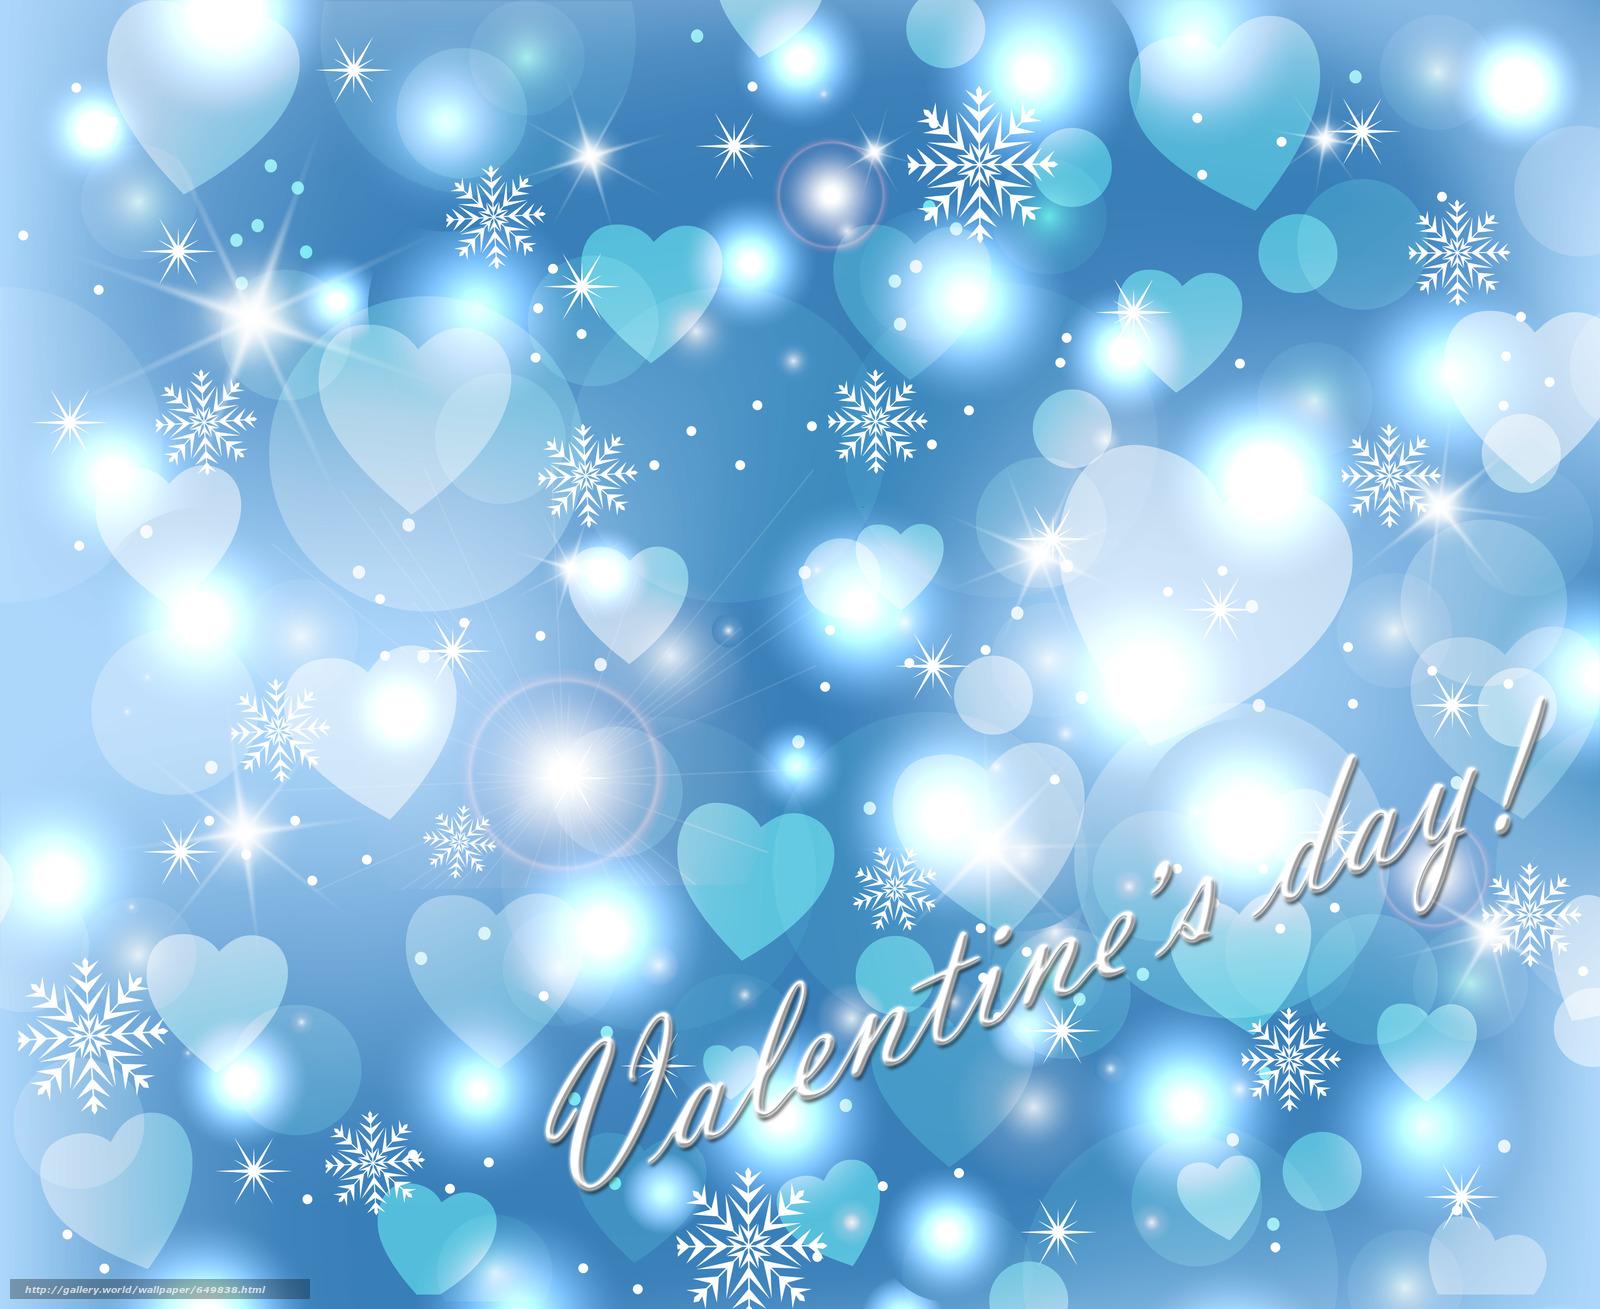 Скачать обои Валентинки,  Валентинка,  День святого Валентина,  день влюблённых бесплатно для рабочего стола в разрешении 6000x4909 — картинка №649838